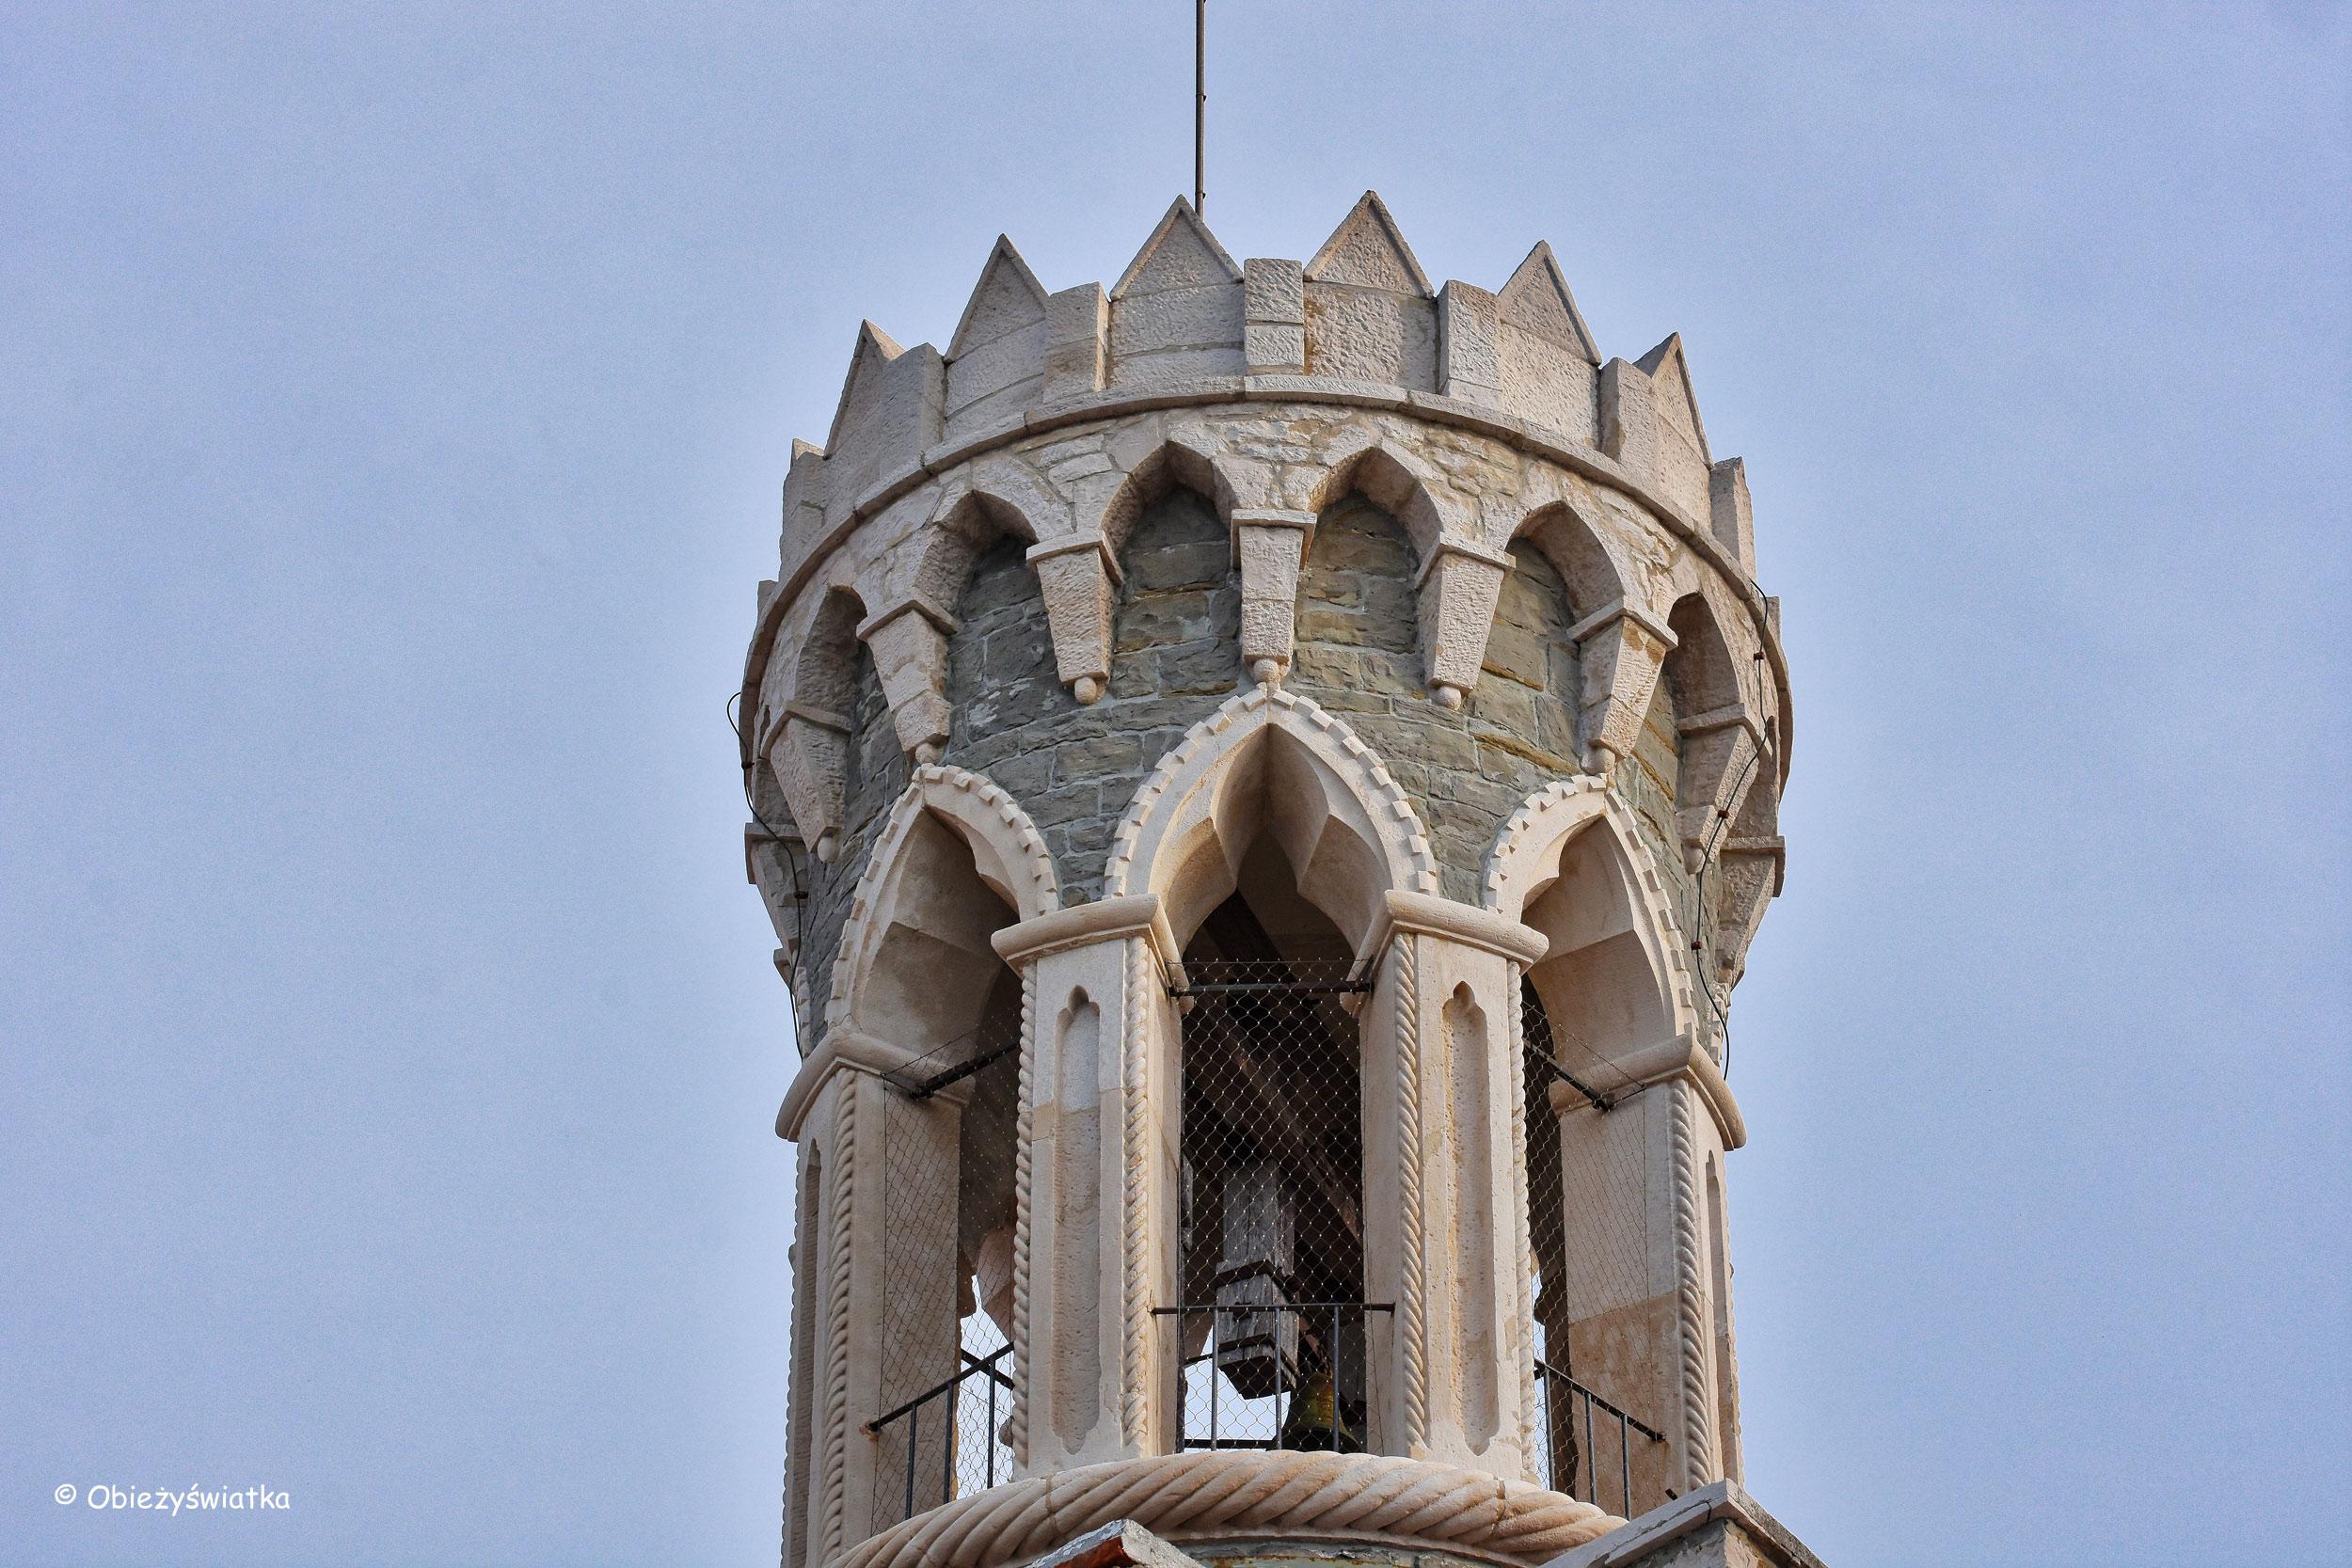 Wieża kościółka Madonna della Salute w Piranie